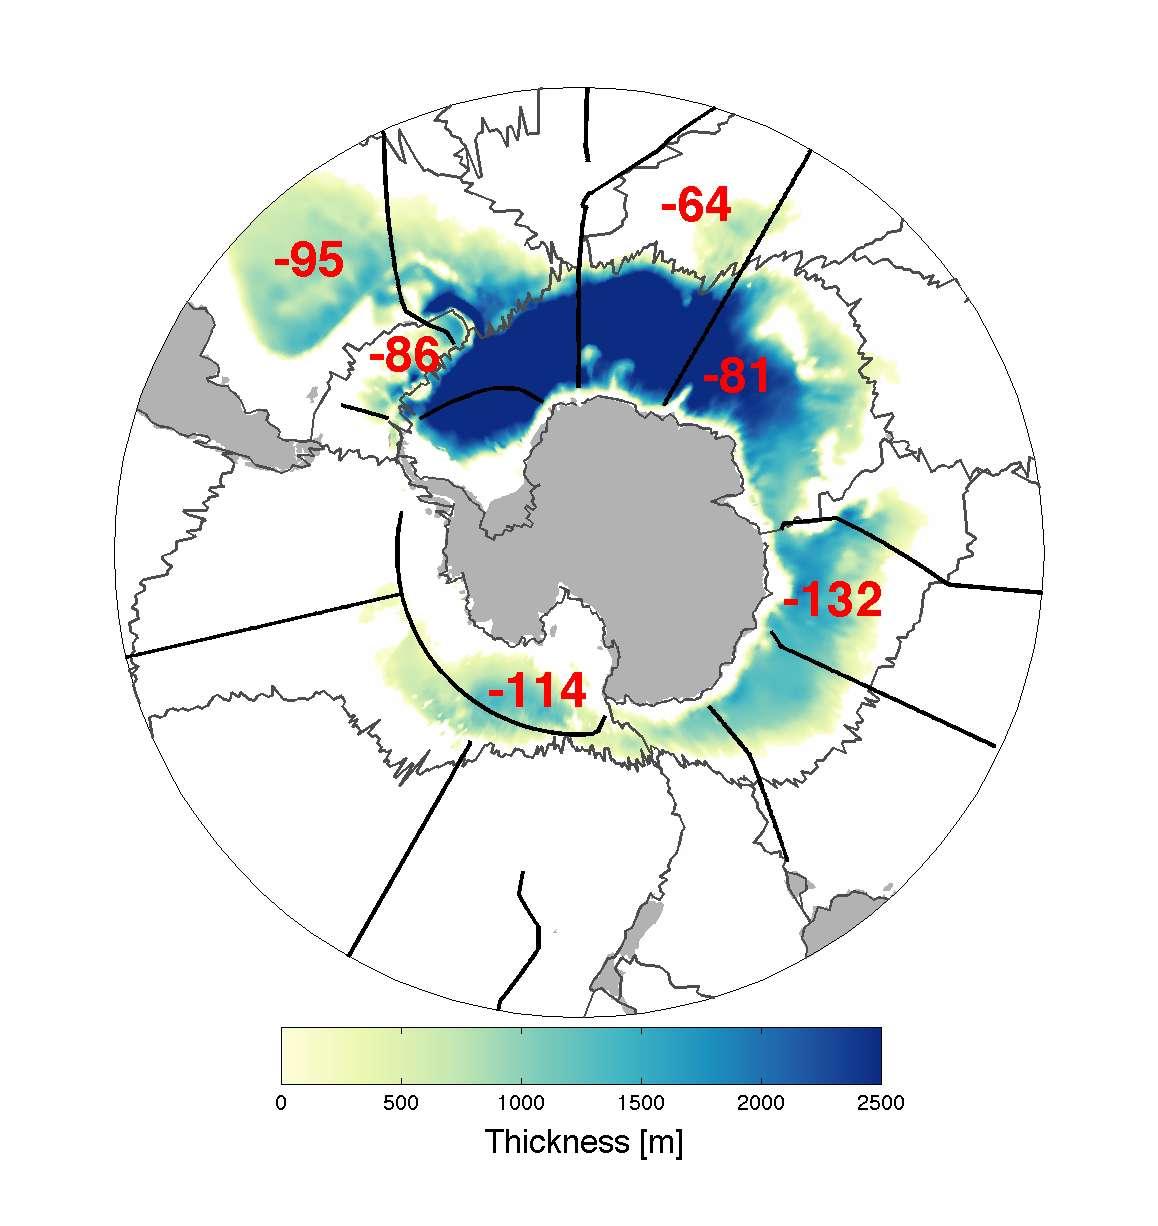 Cartographie de l'épaisseur de la couche d'eau présentant une température de moins de 0 °C dans le fond des océans autour de l'Antarctique (l'eau salée gèle à environ -2 °C). Les chiffres rouges indiquent le nombre de mètres perdus tous les dix ans pour chaque bassin. Ceux-ci sont séparés par les lignes noires. © NOAA